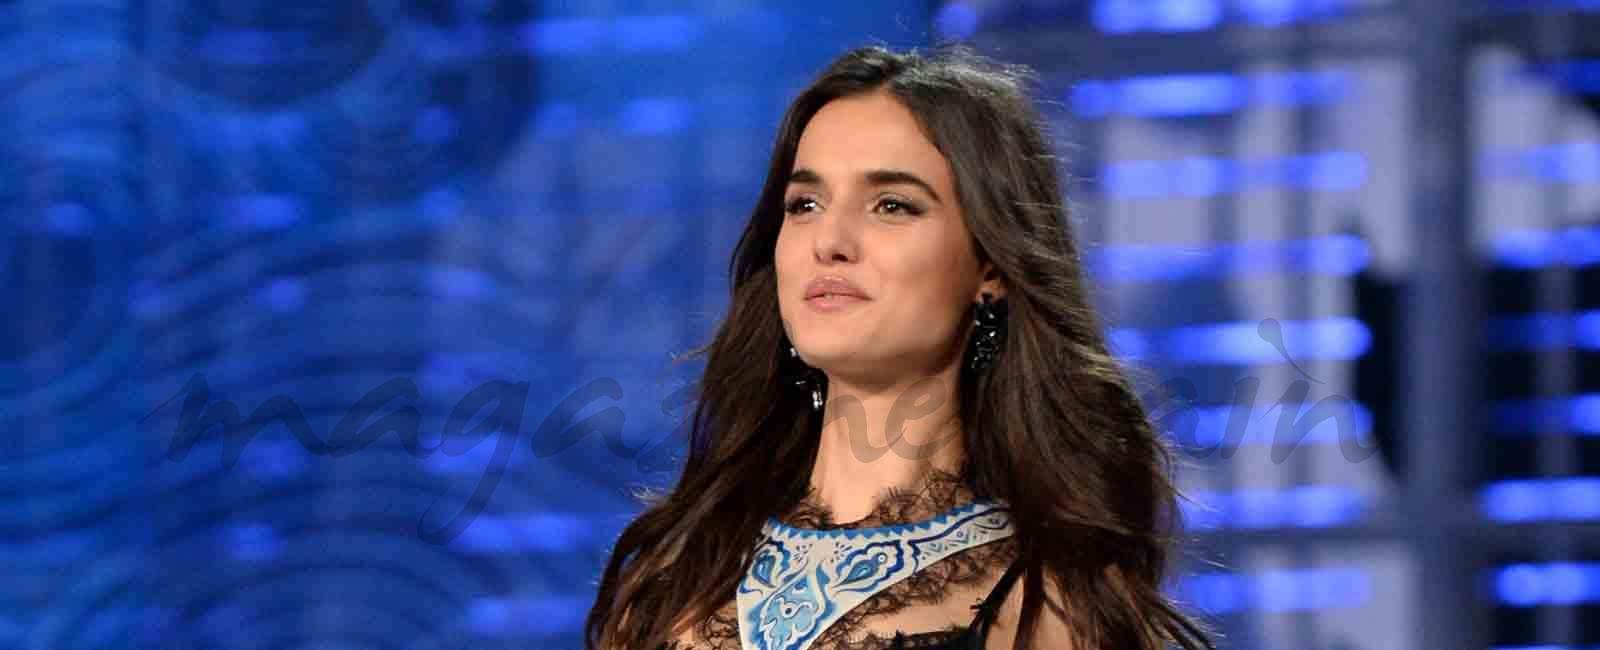 Blanca Padilla, la primera española convertida en «ángel» de Victoria's Secret